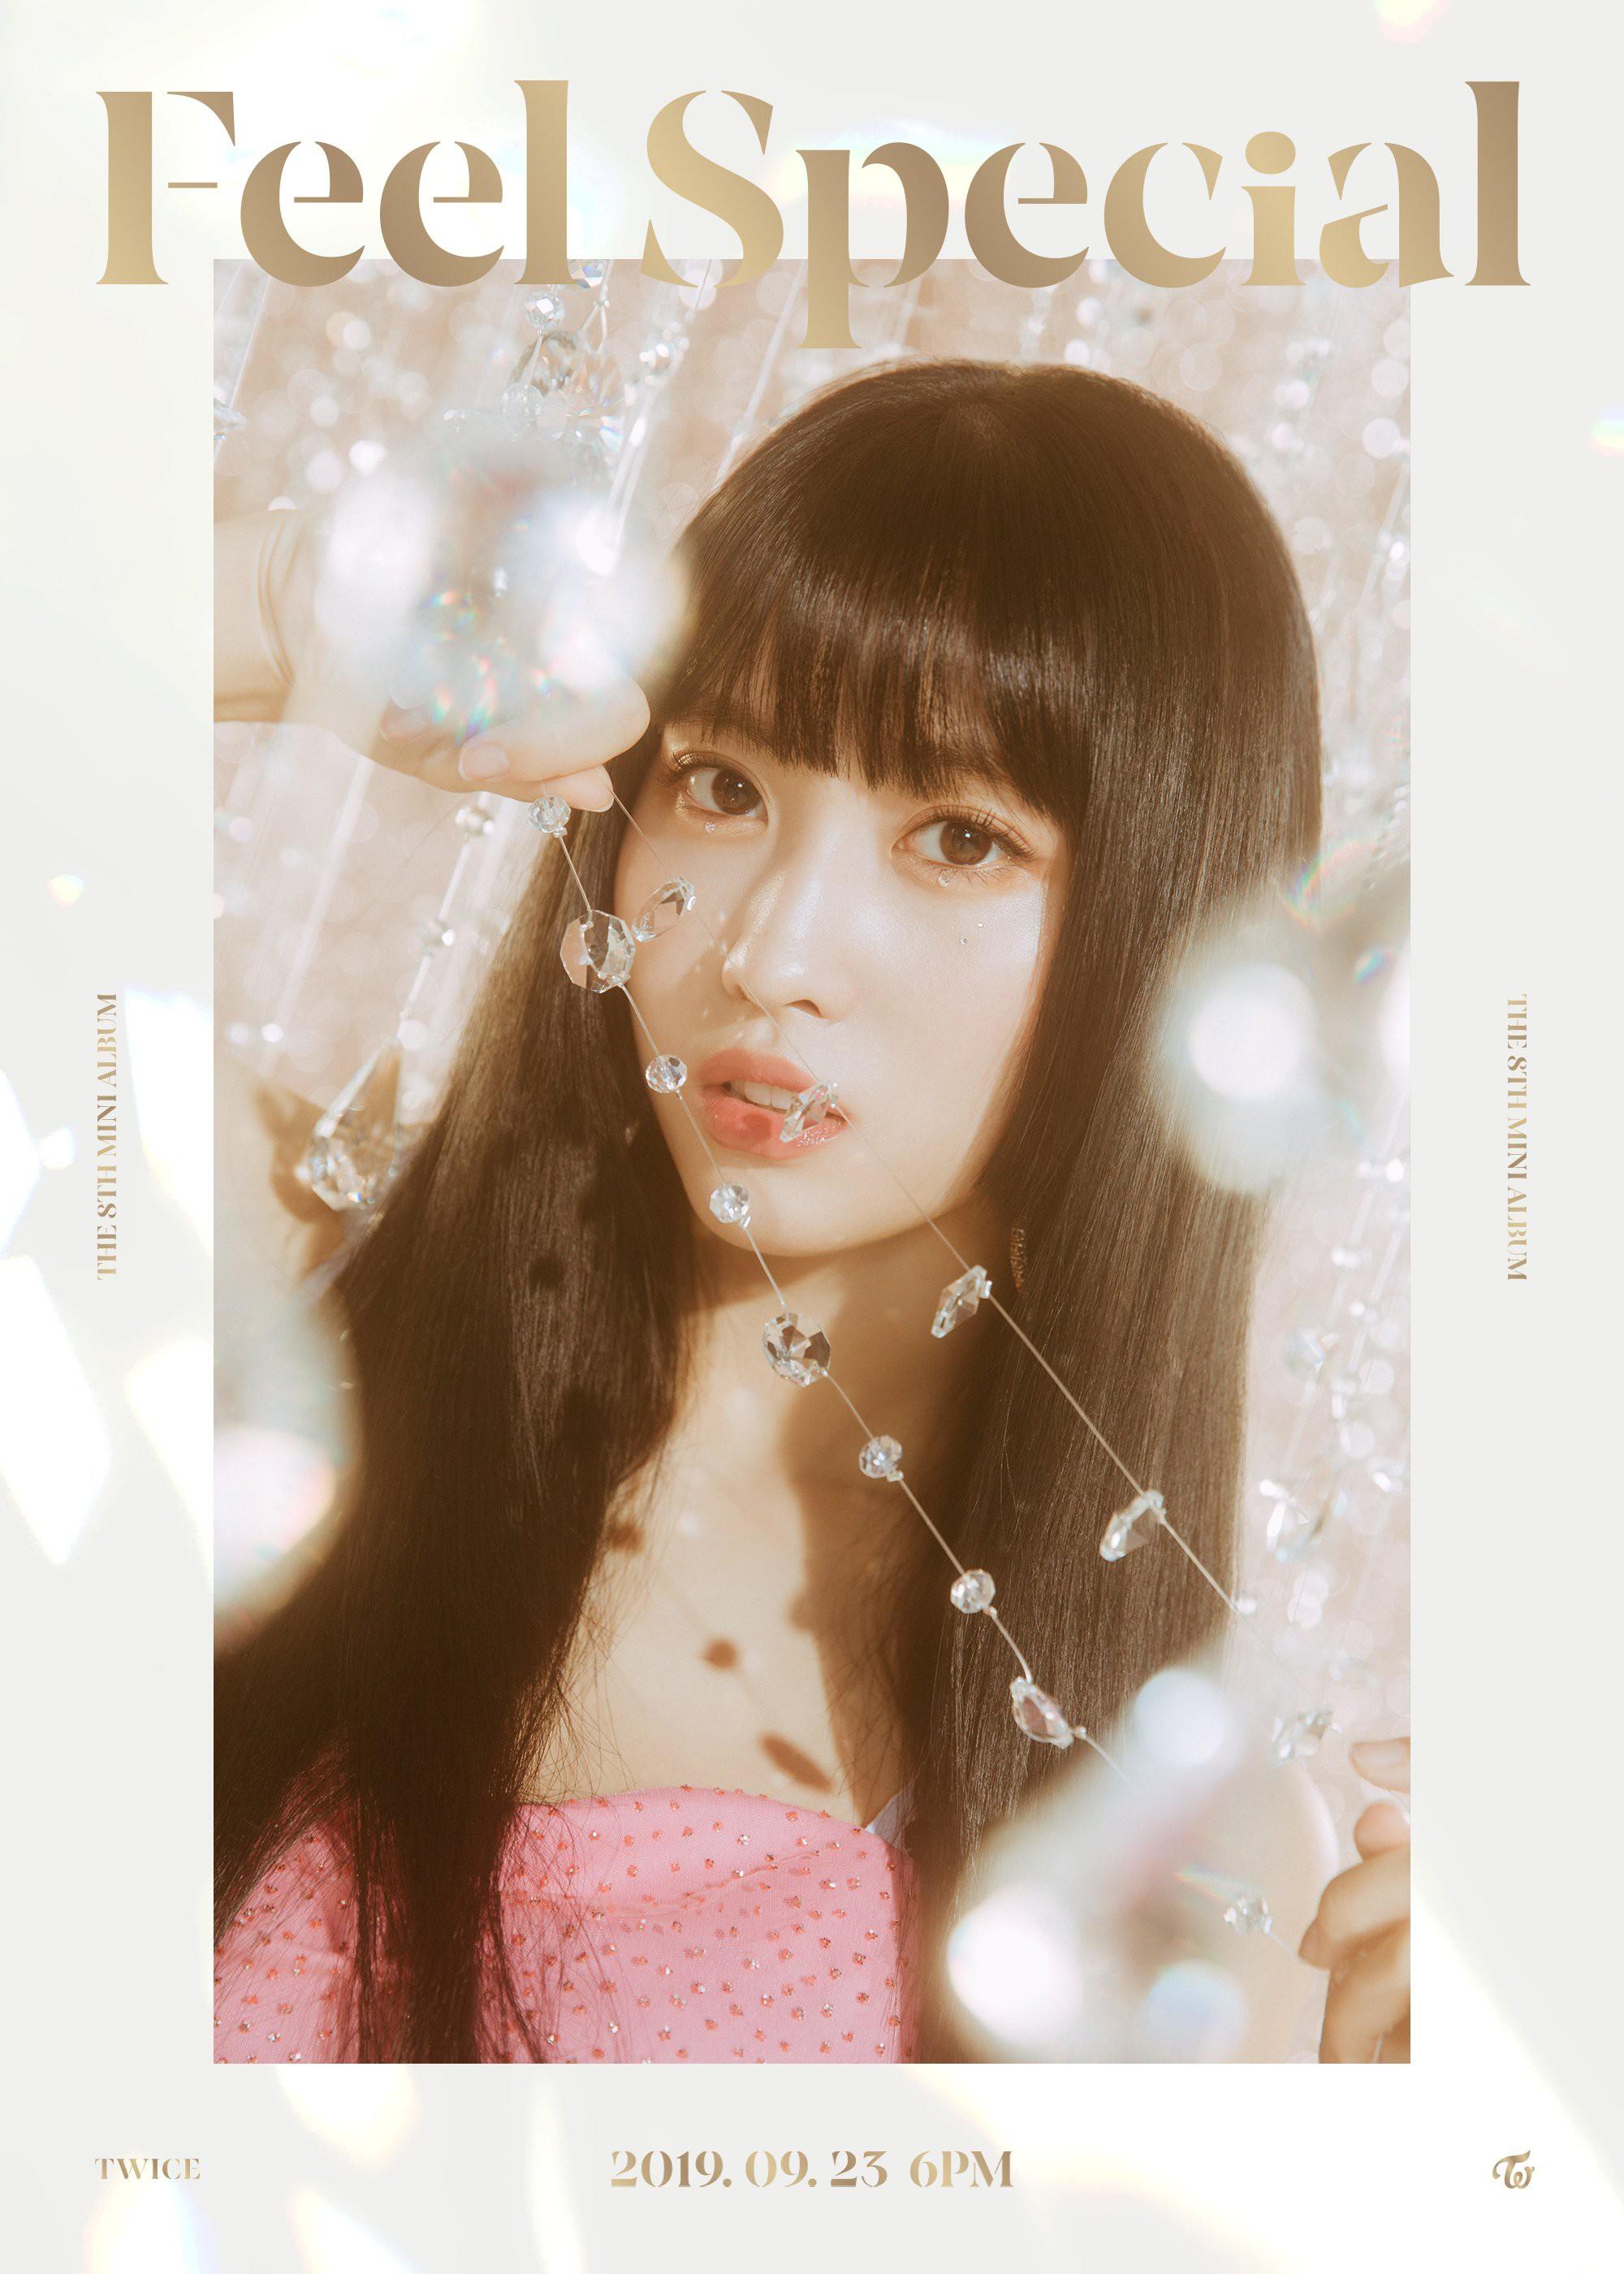 VZN News: 1 nữ idol Kpop bỗng hot đến mức vượt mặt iPhone lên top trend toàn cầu, đến ông trùm kinh doanh nổi tiếng phải tò mò - Ảnh 7.